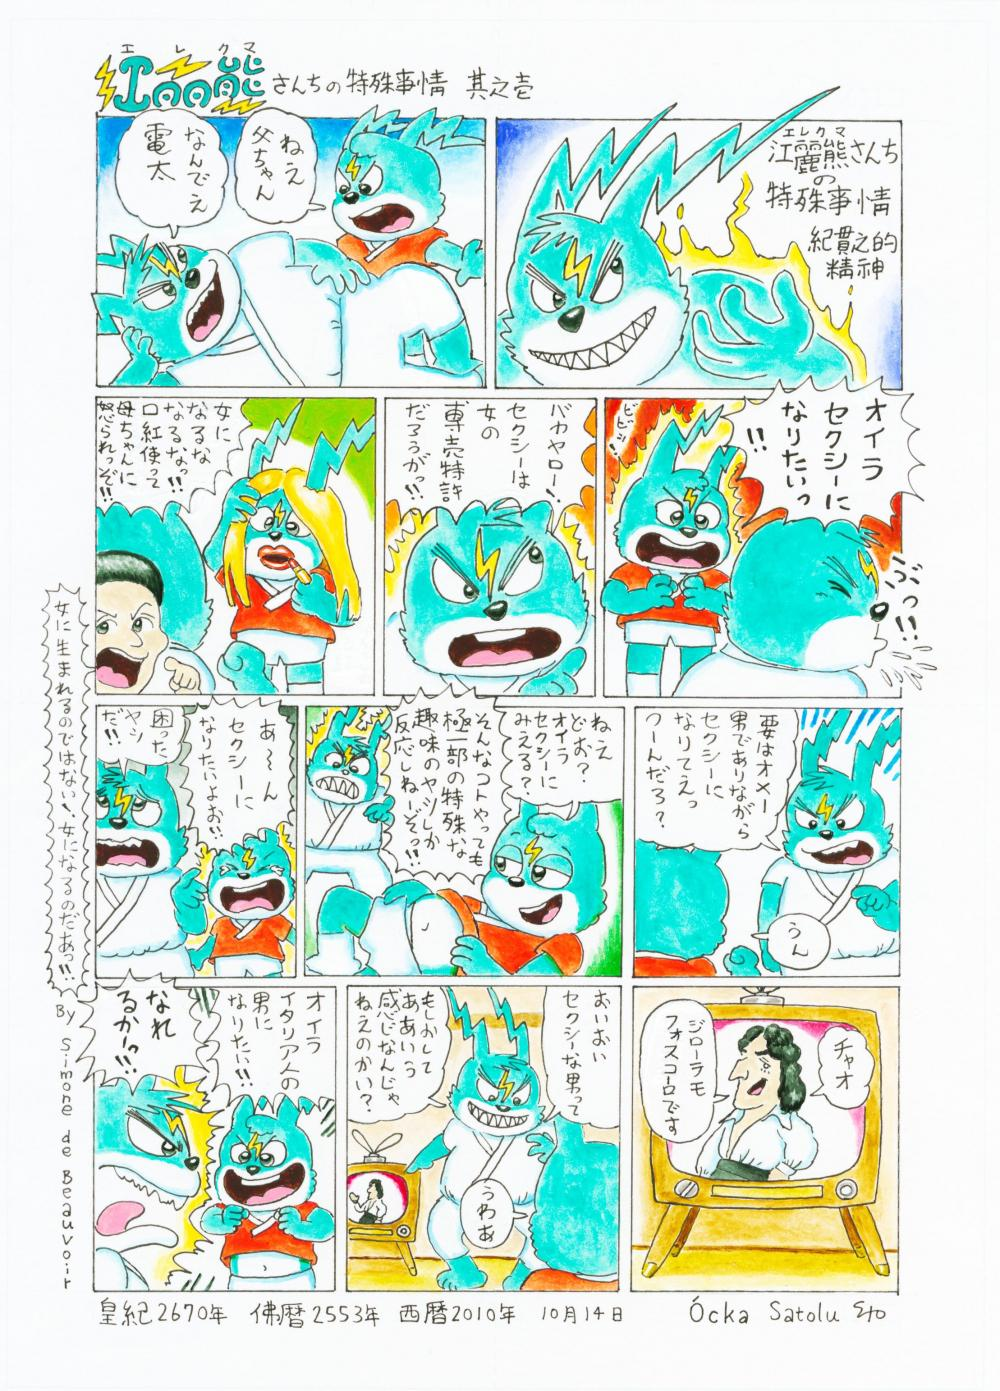 電熊さんちの特殊事情 其之壱 2010.10.14